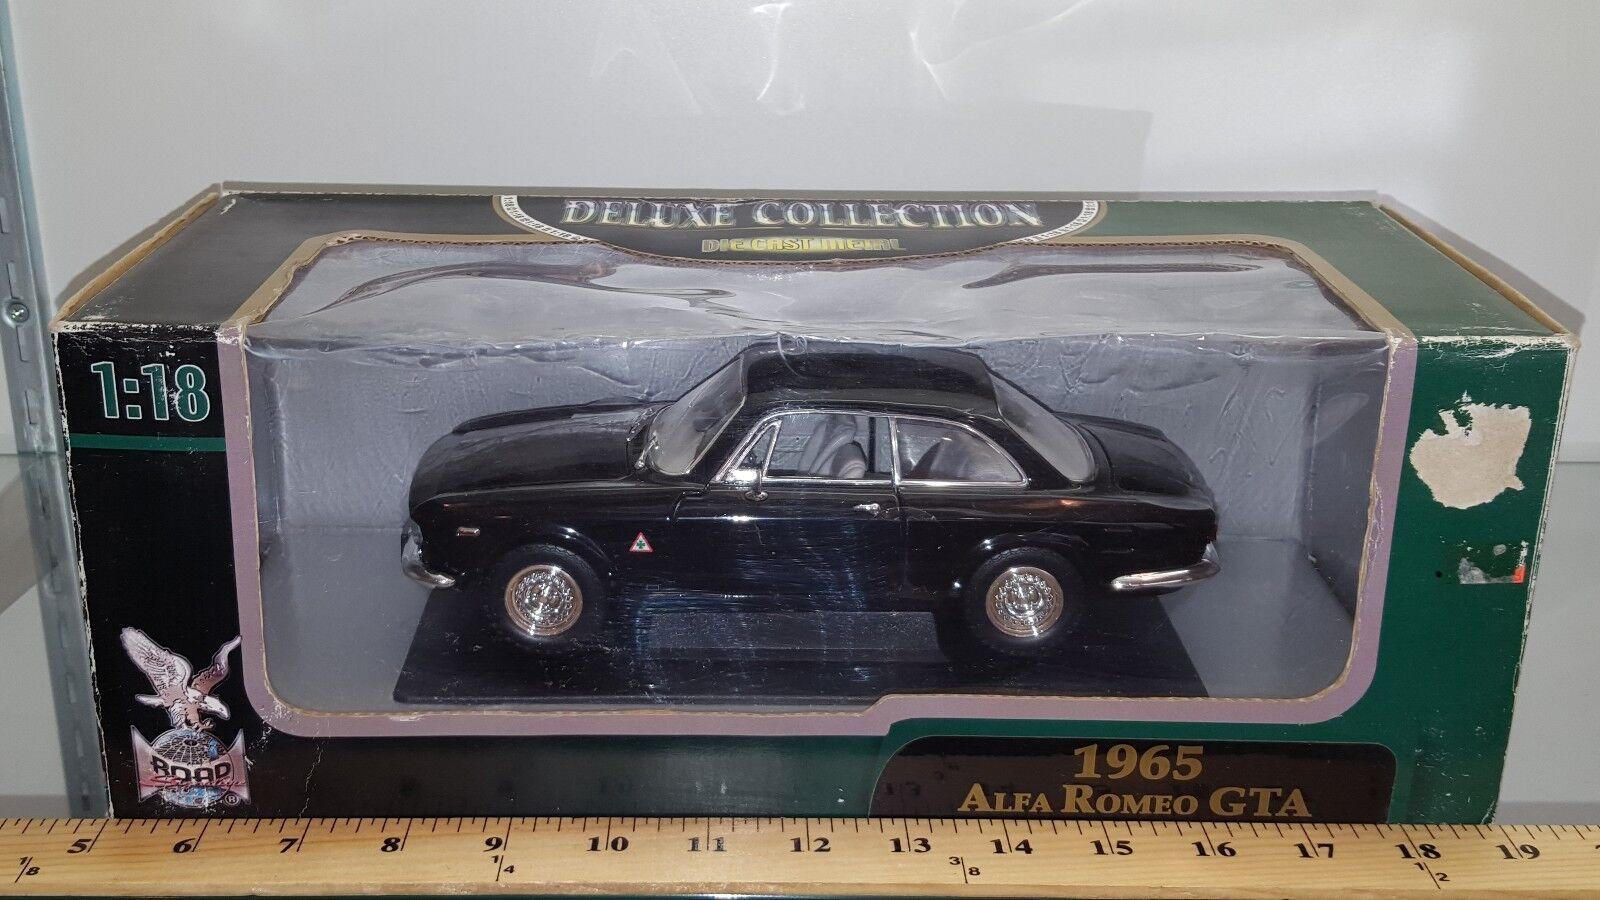 precioso 1 1 1 18 Yatming firma Road 1965 Alfa Romeo Gta Negro YD  Venta en línea precio bajo descuento